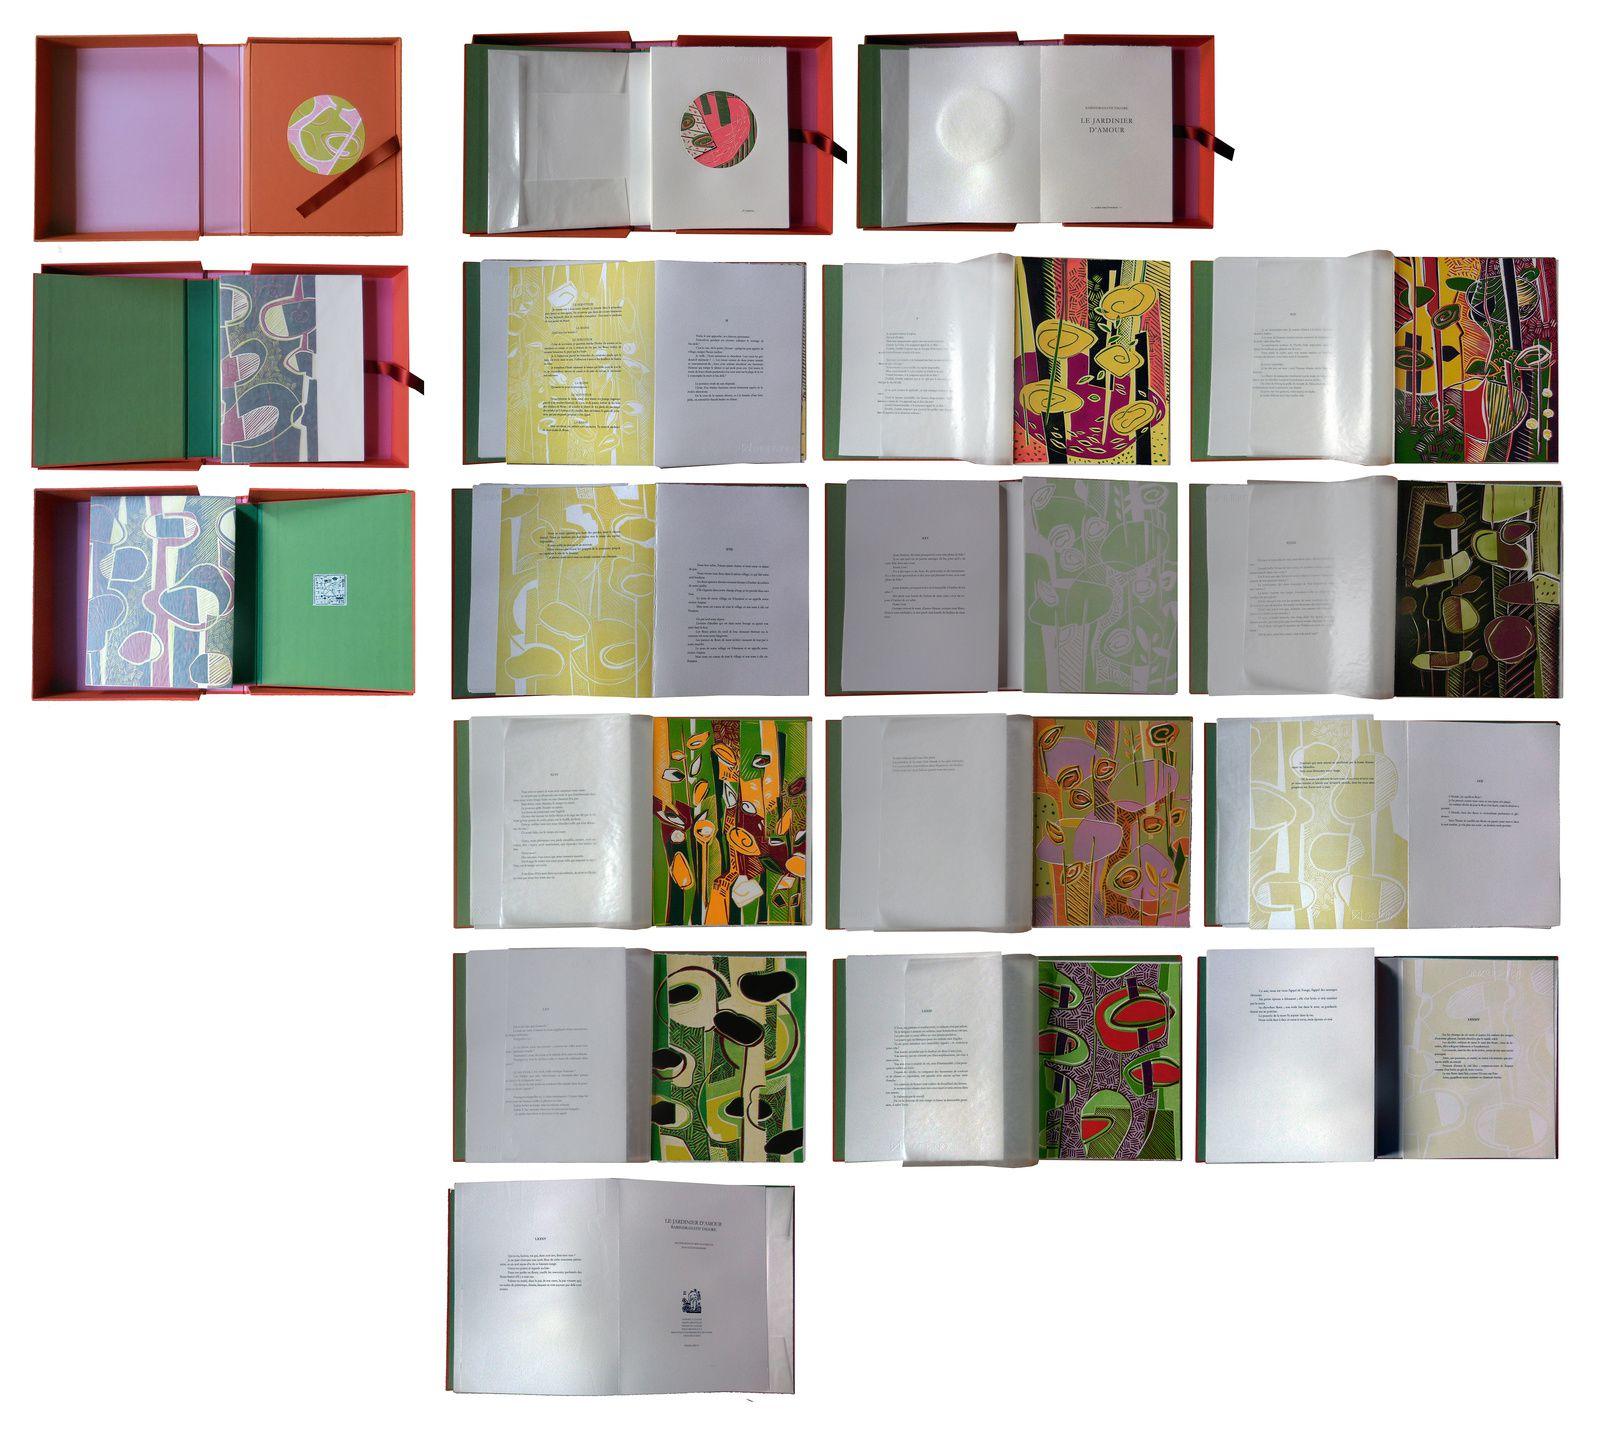 Le jardinier d'amour, texte de Rabindranath Tagore, accompagné de quinze linogravures couleurs, avec emboîtement. 25 x 32 cm , 100 pages, 2016. édité à quatre exemplaires.